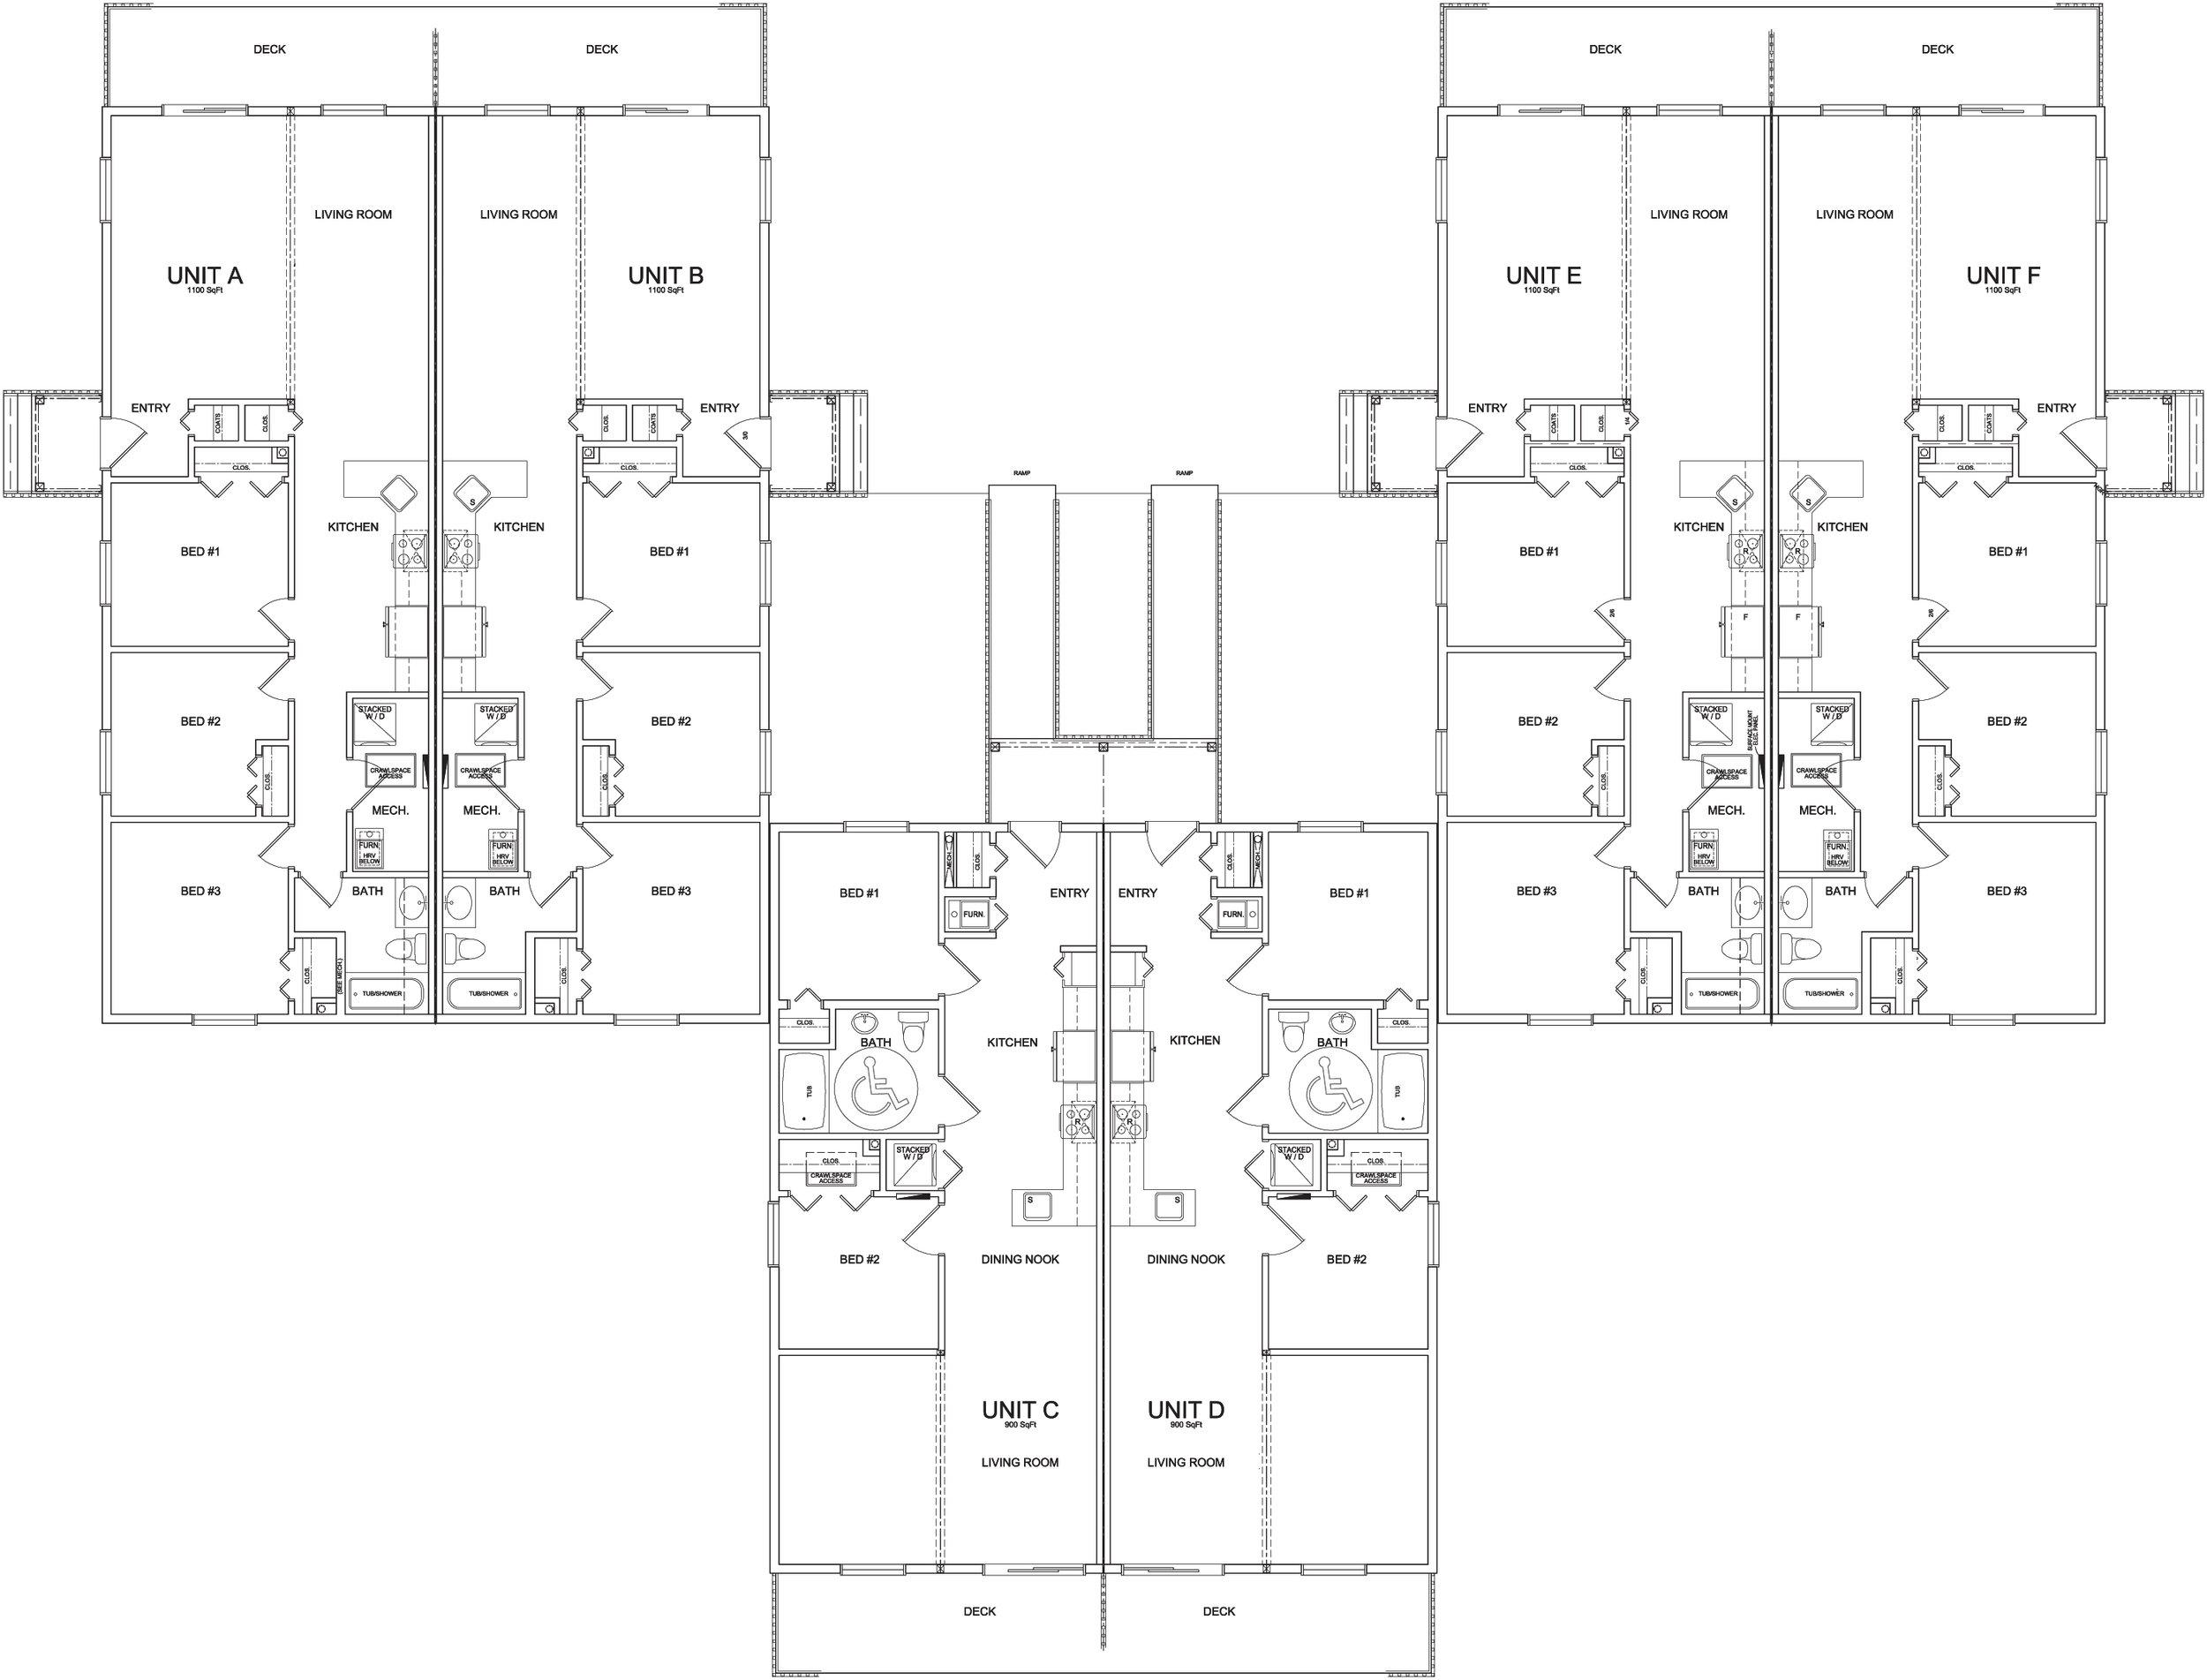 6 plex clean floor plan.jpg